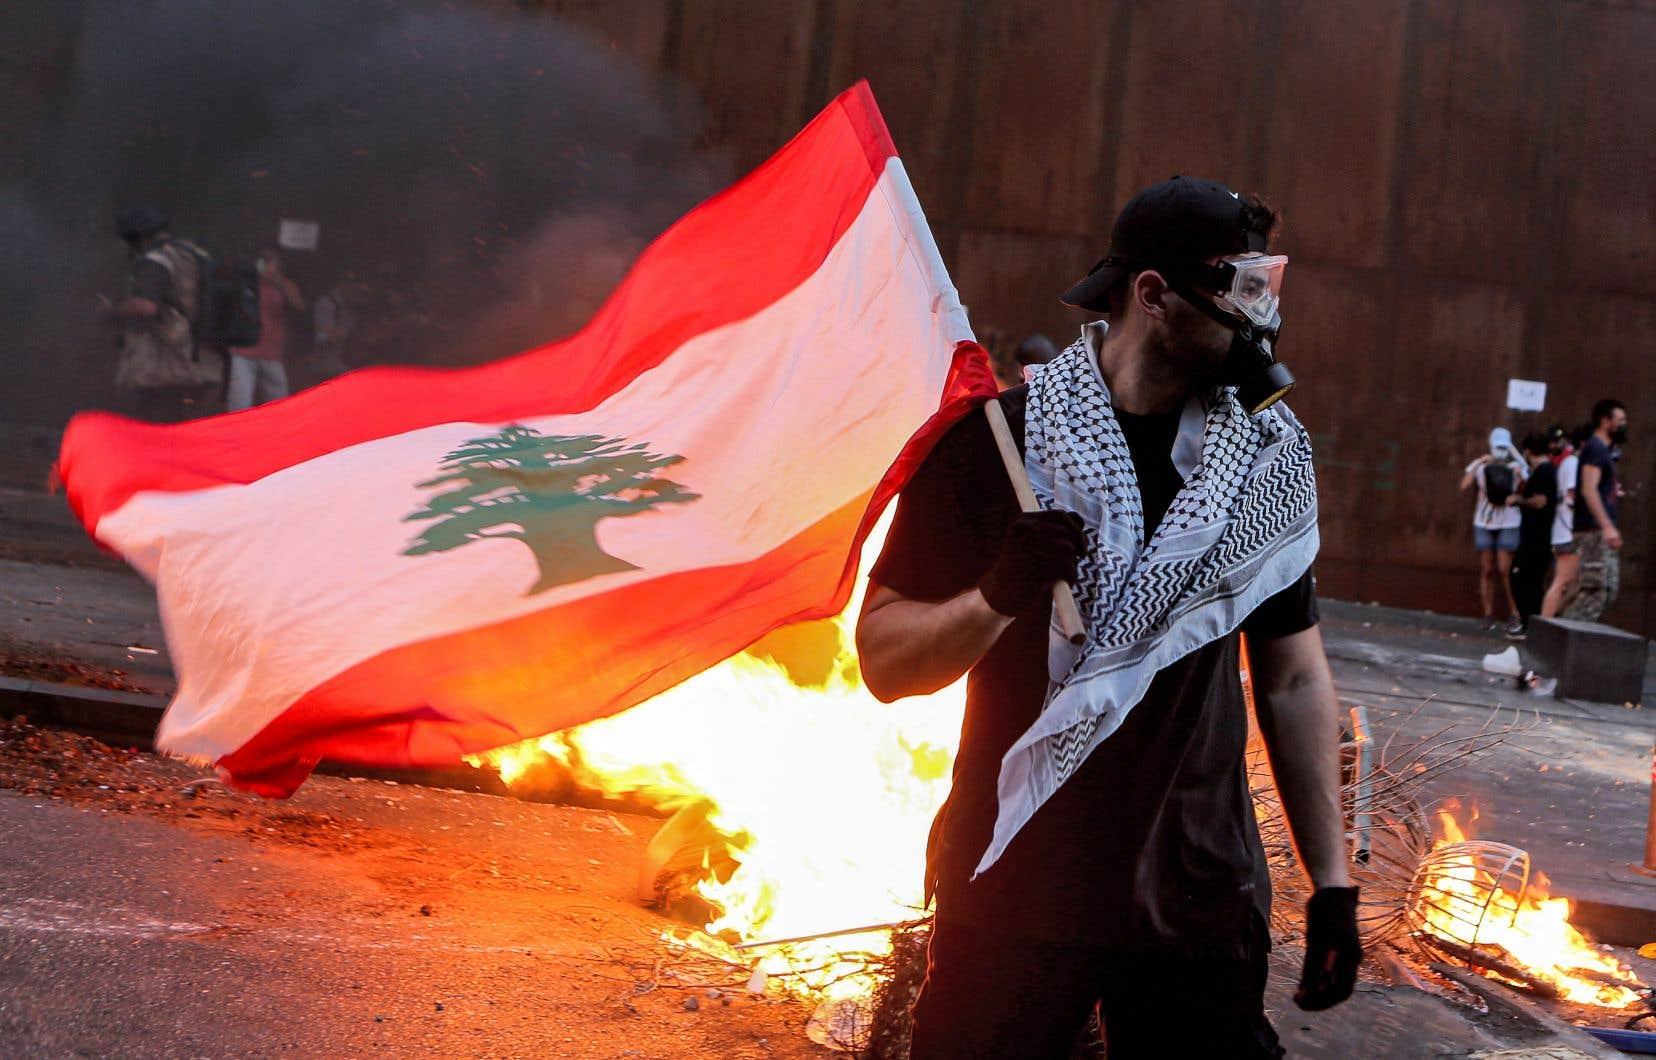 Des échauffourées ont éclaté entre protestataires, venus réclamer la levée de l'immunité aux députés soupçonnés d'implication dans l'explosion, et forces antiémeutes dans le secteur du Parlement libanais.